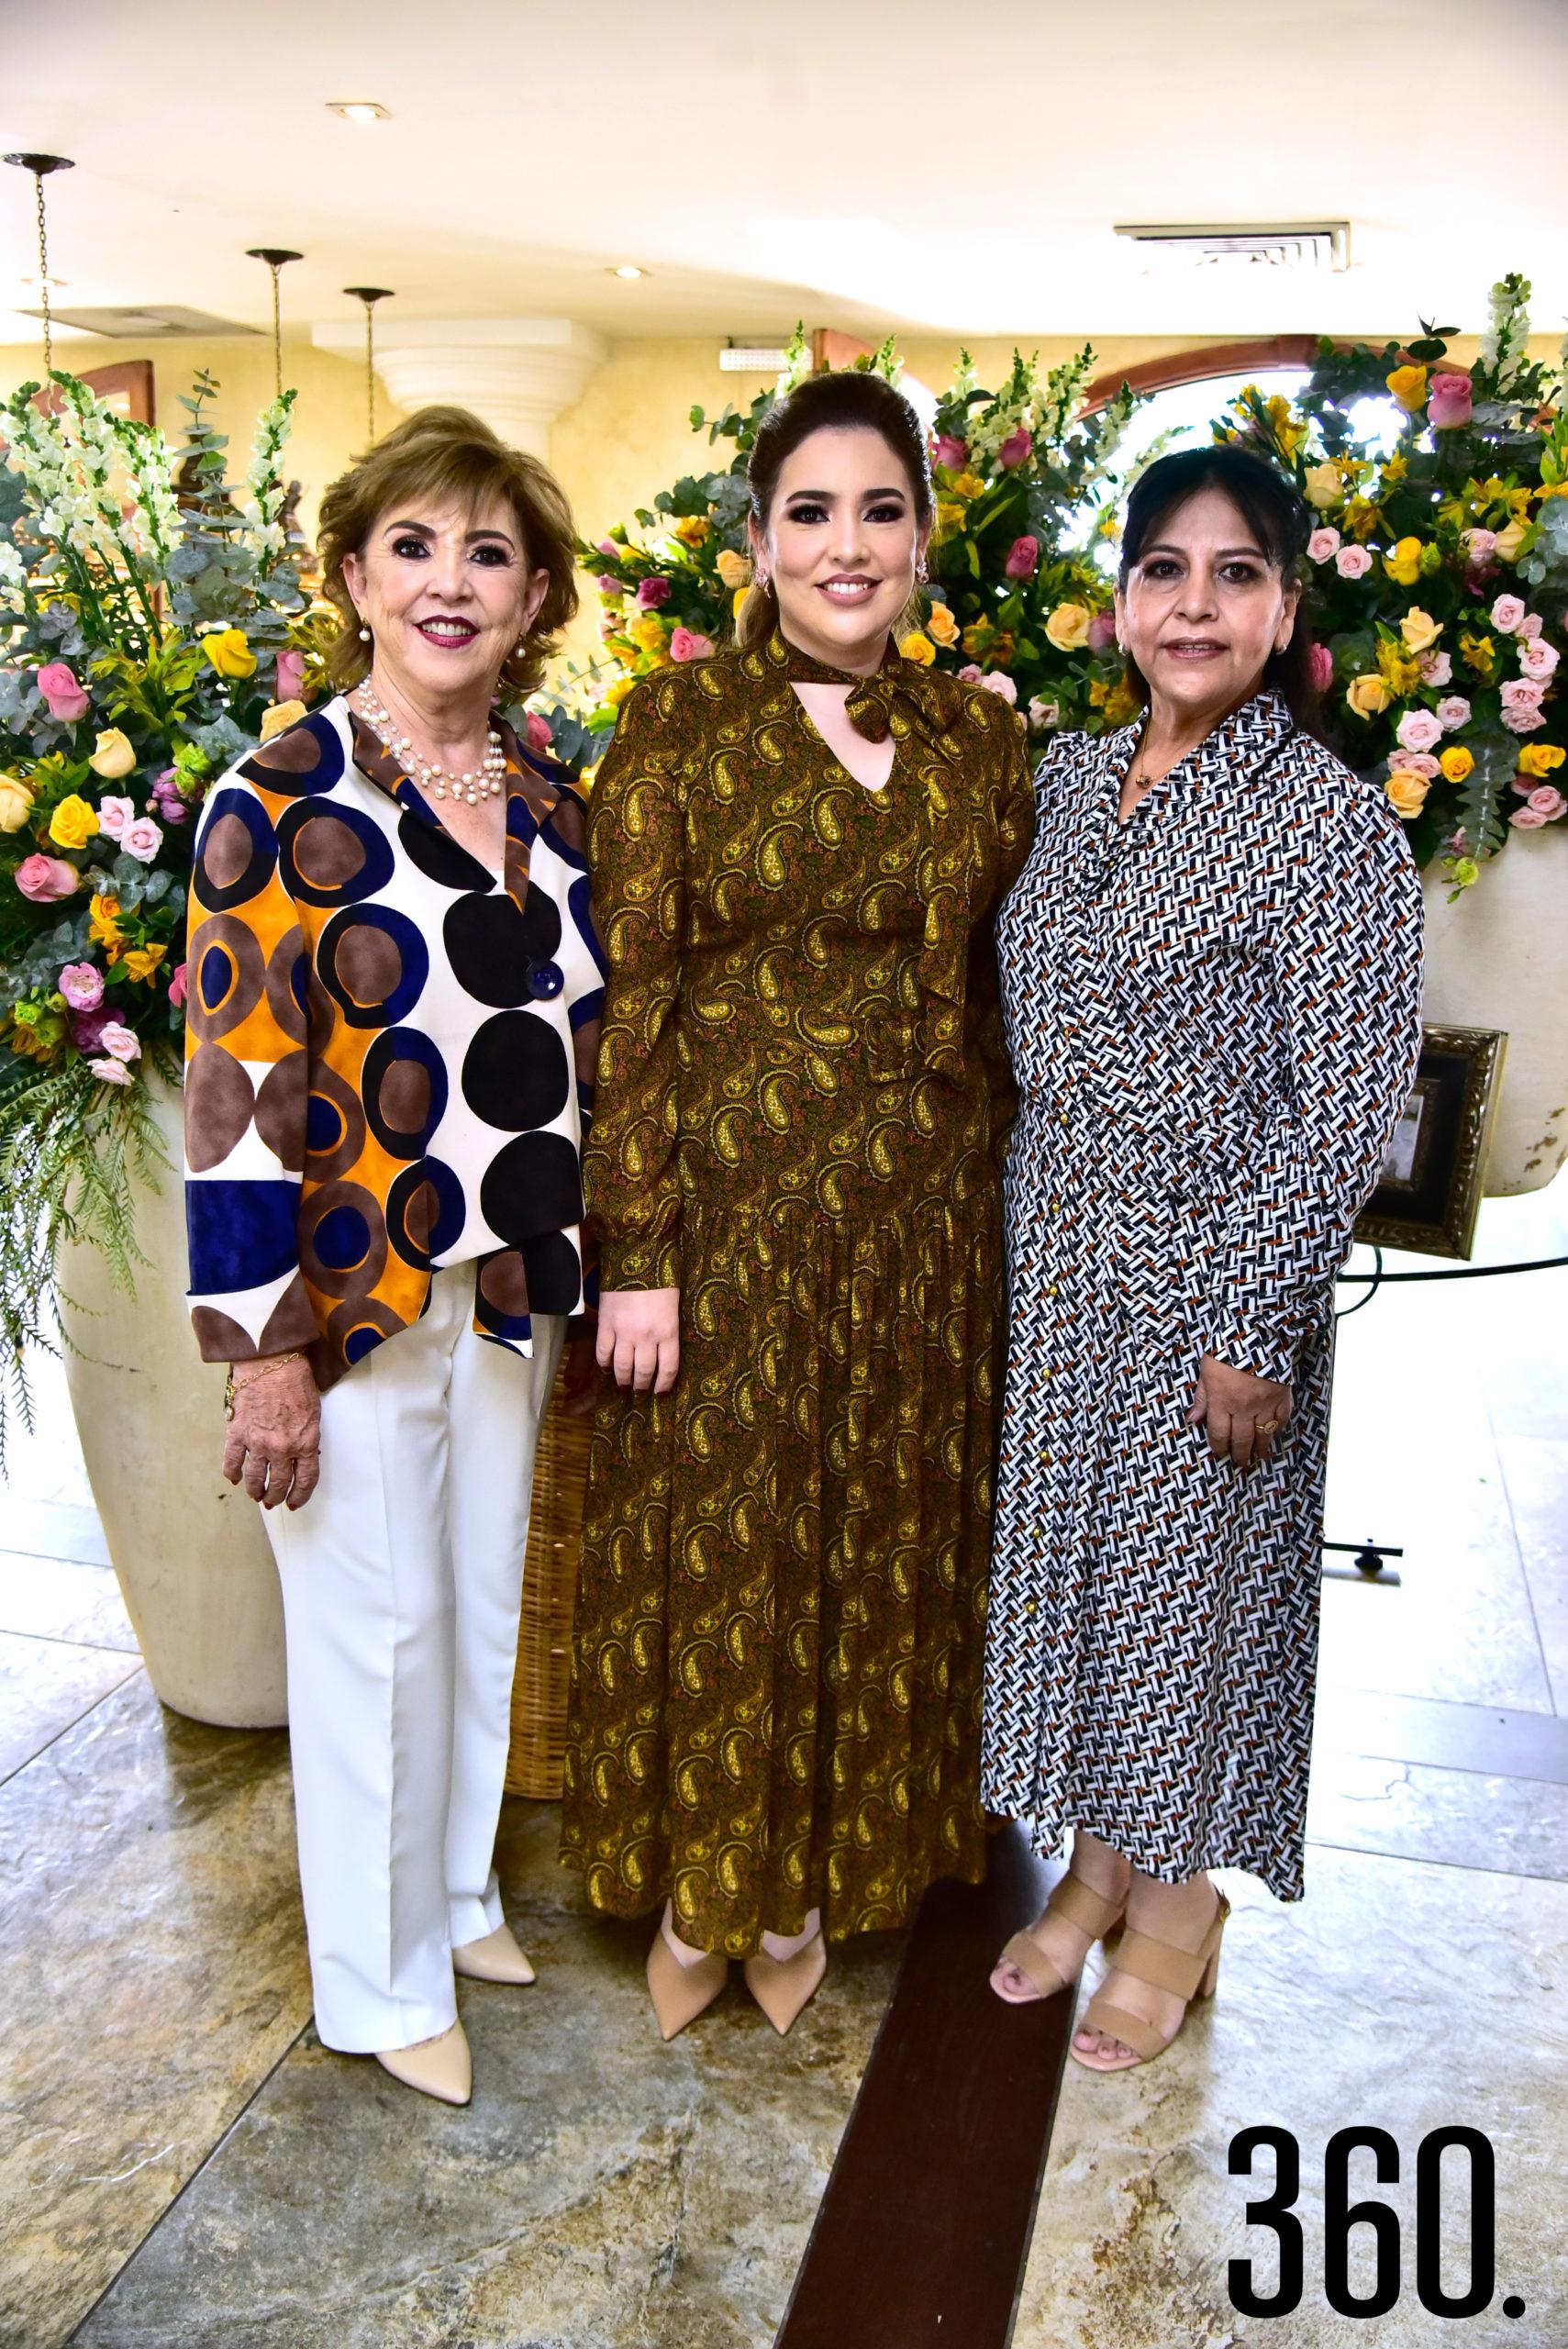 Samantha Natividad Pérez con su mamá Leticia Pérez de Natividad y su suegra Sandra Carrillo Villarreal.